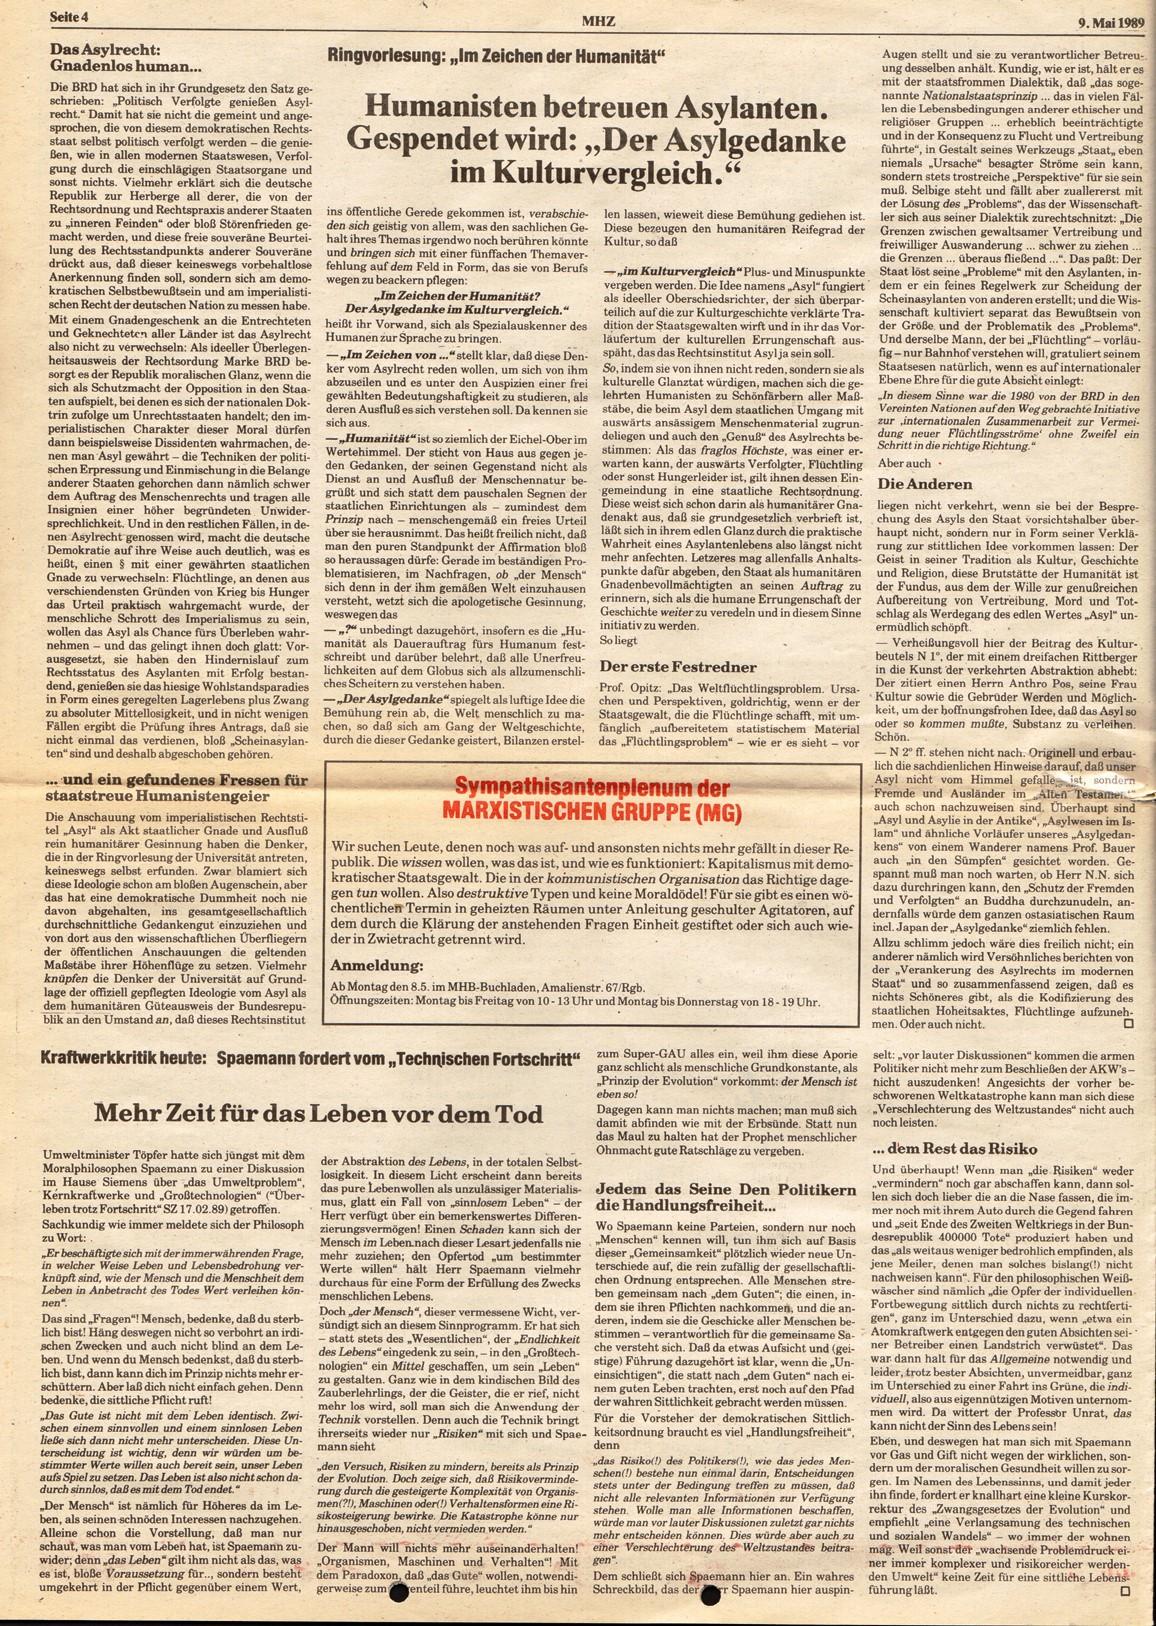 Muenchen_MG_Hochschulzeitung_19890509_04